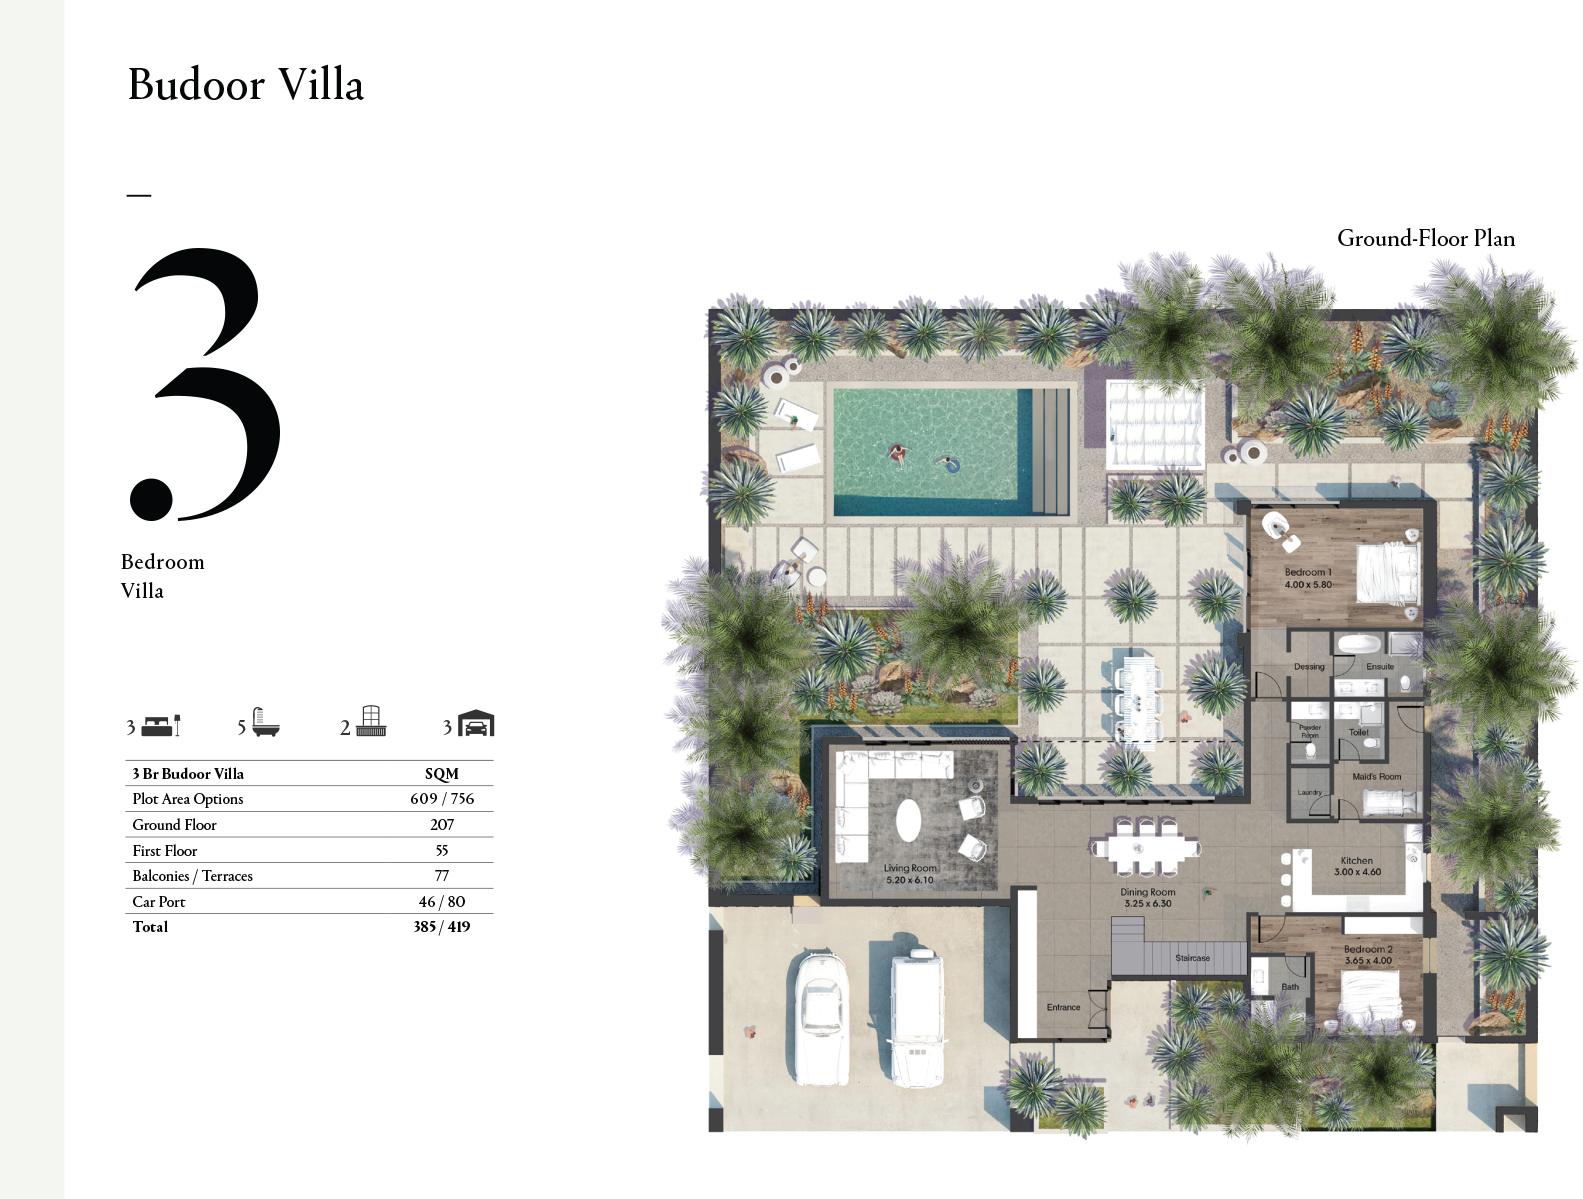 https://drehomes.com/wp-content/uploads/3-Bedroom-Villa-Ground-Floor-419Sqm.jpg